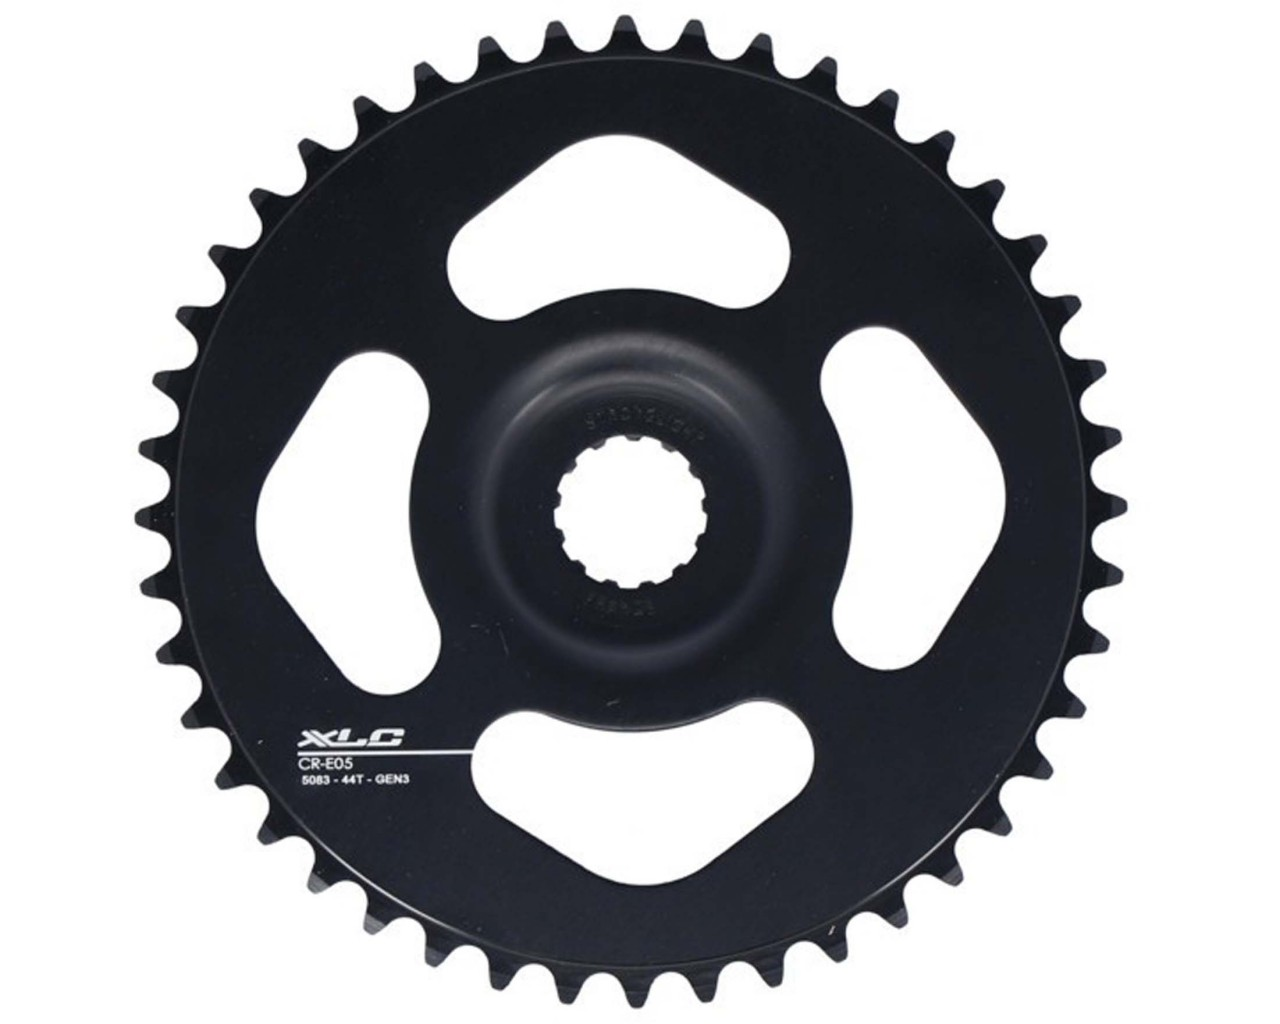 XLC E-Bike Chainring CR-E05 44 teeth | black